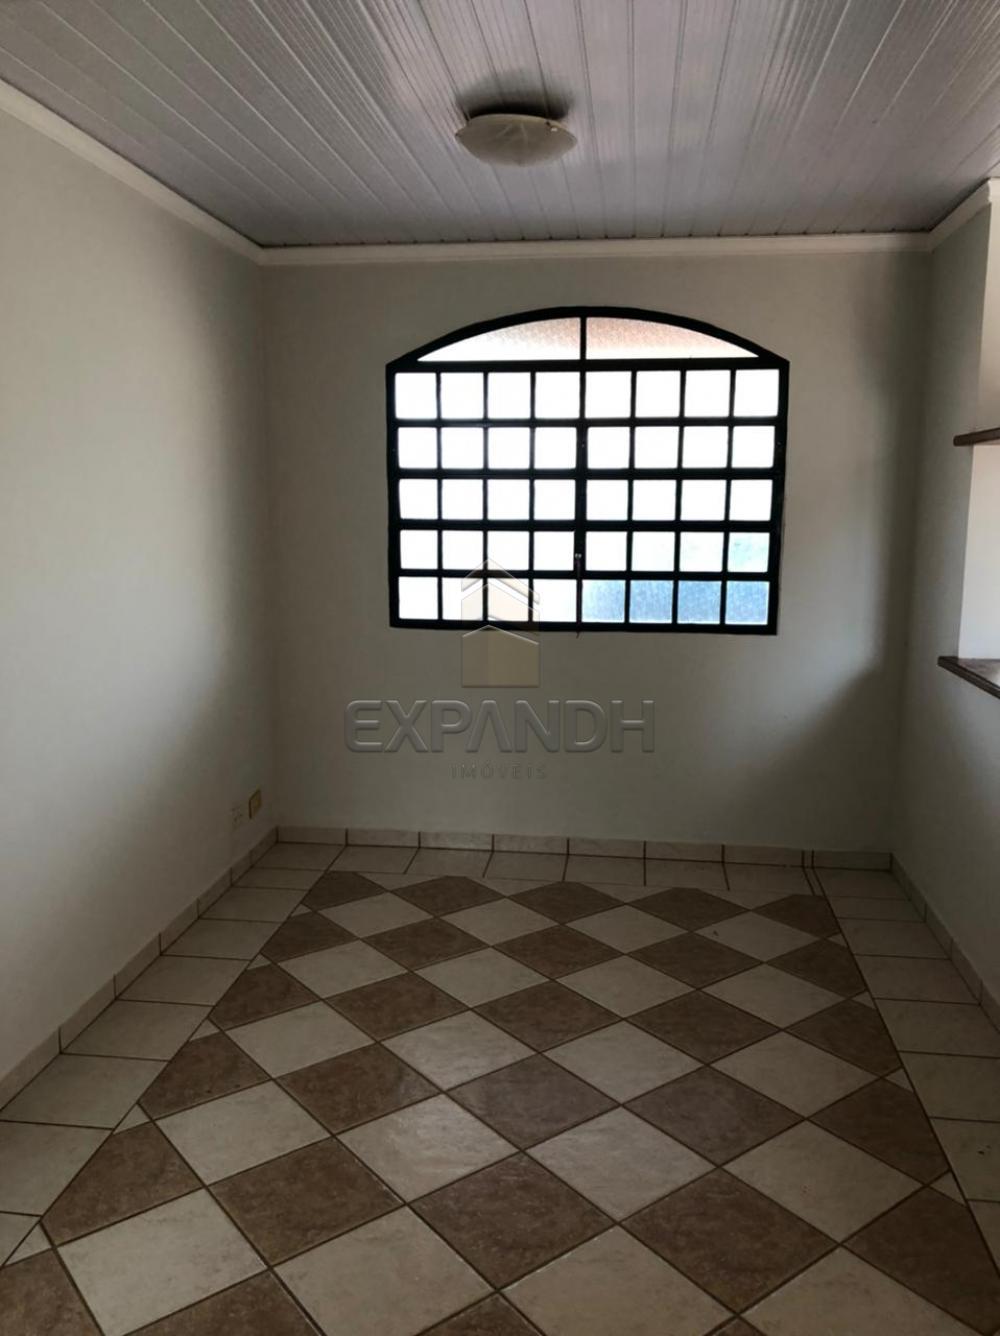 Alugar Casas / Padrão em Sertãozinho R$ 2.700,00 - Foto 8